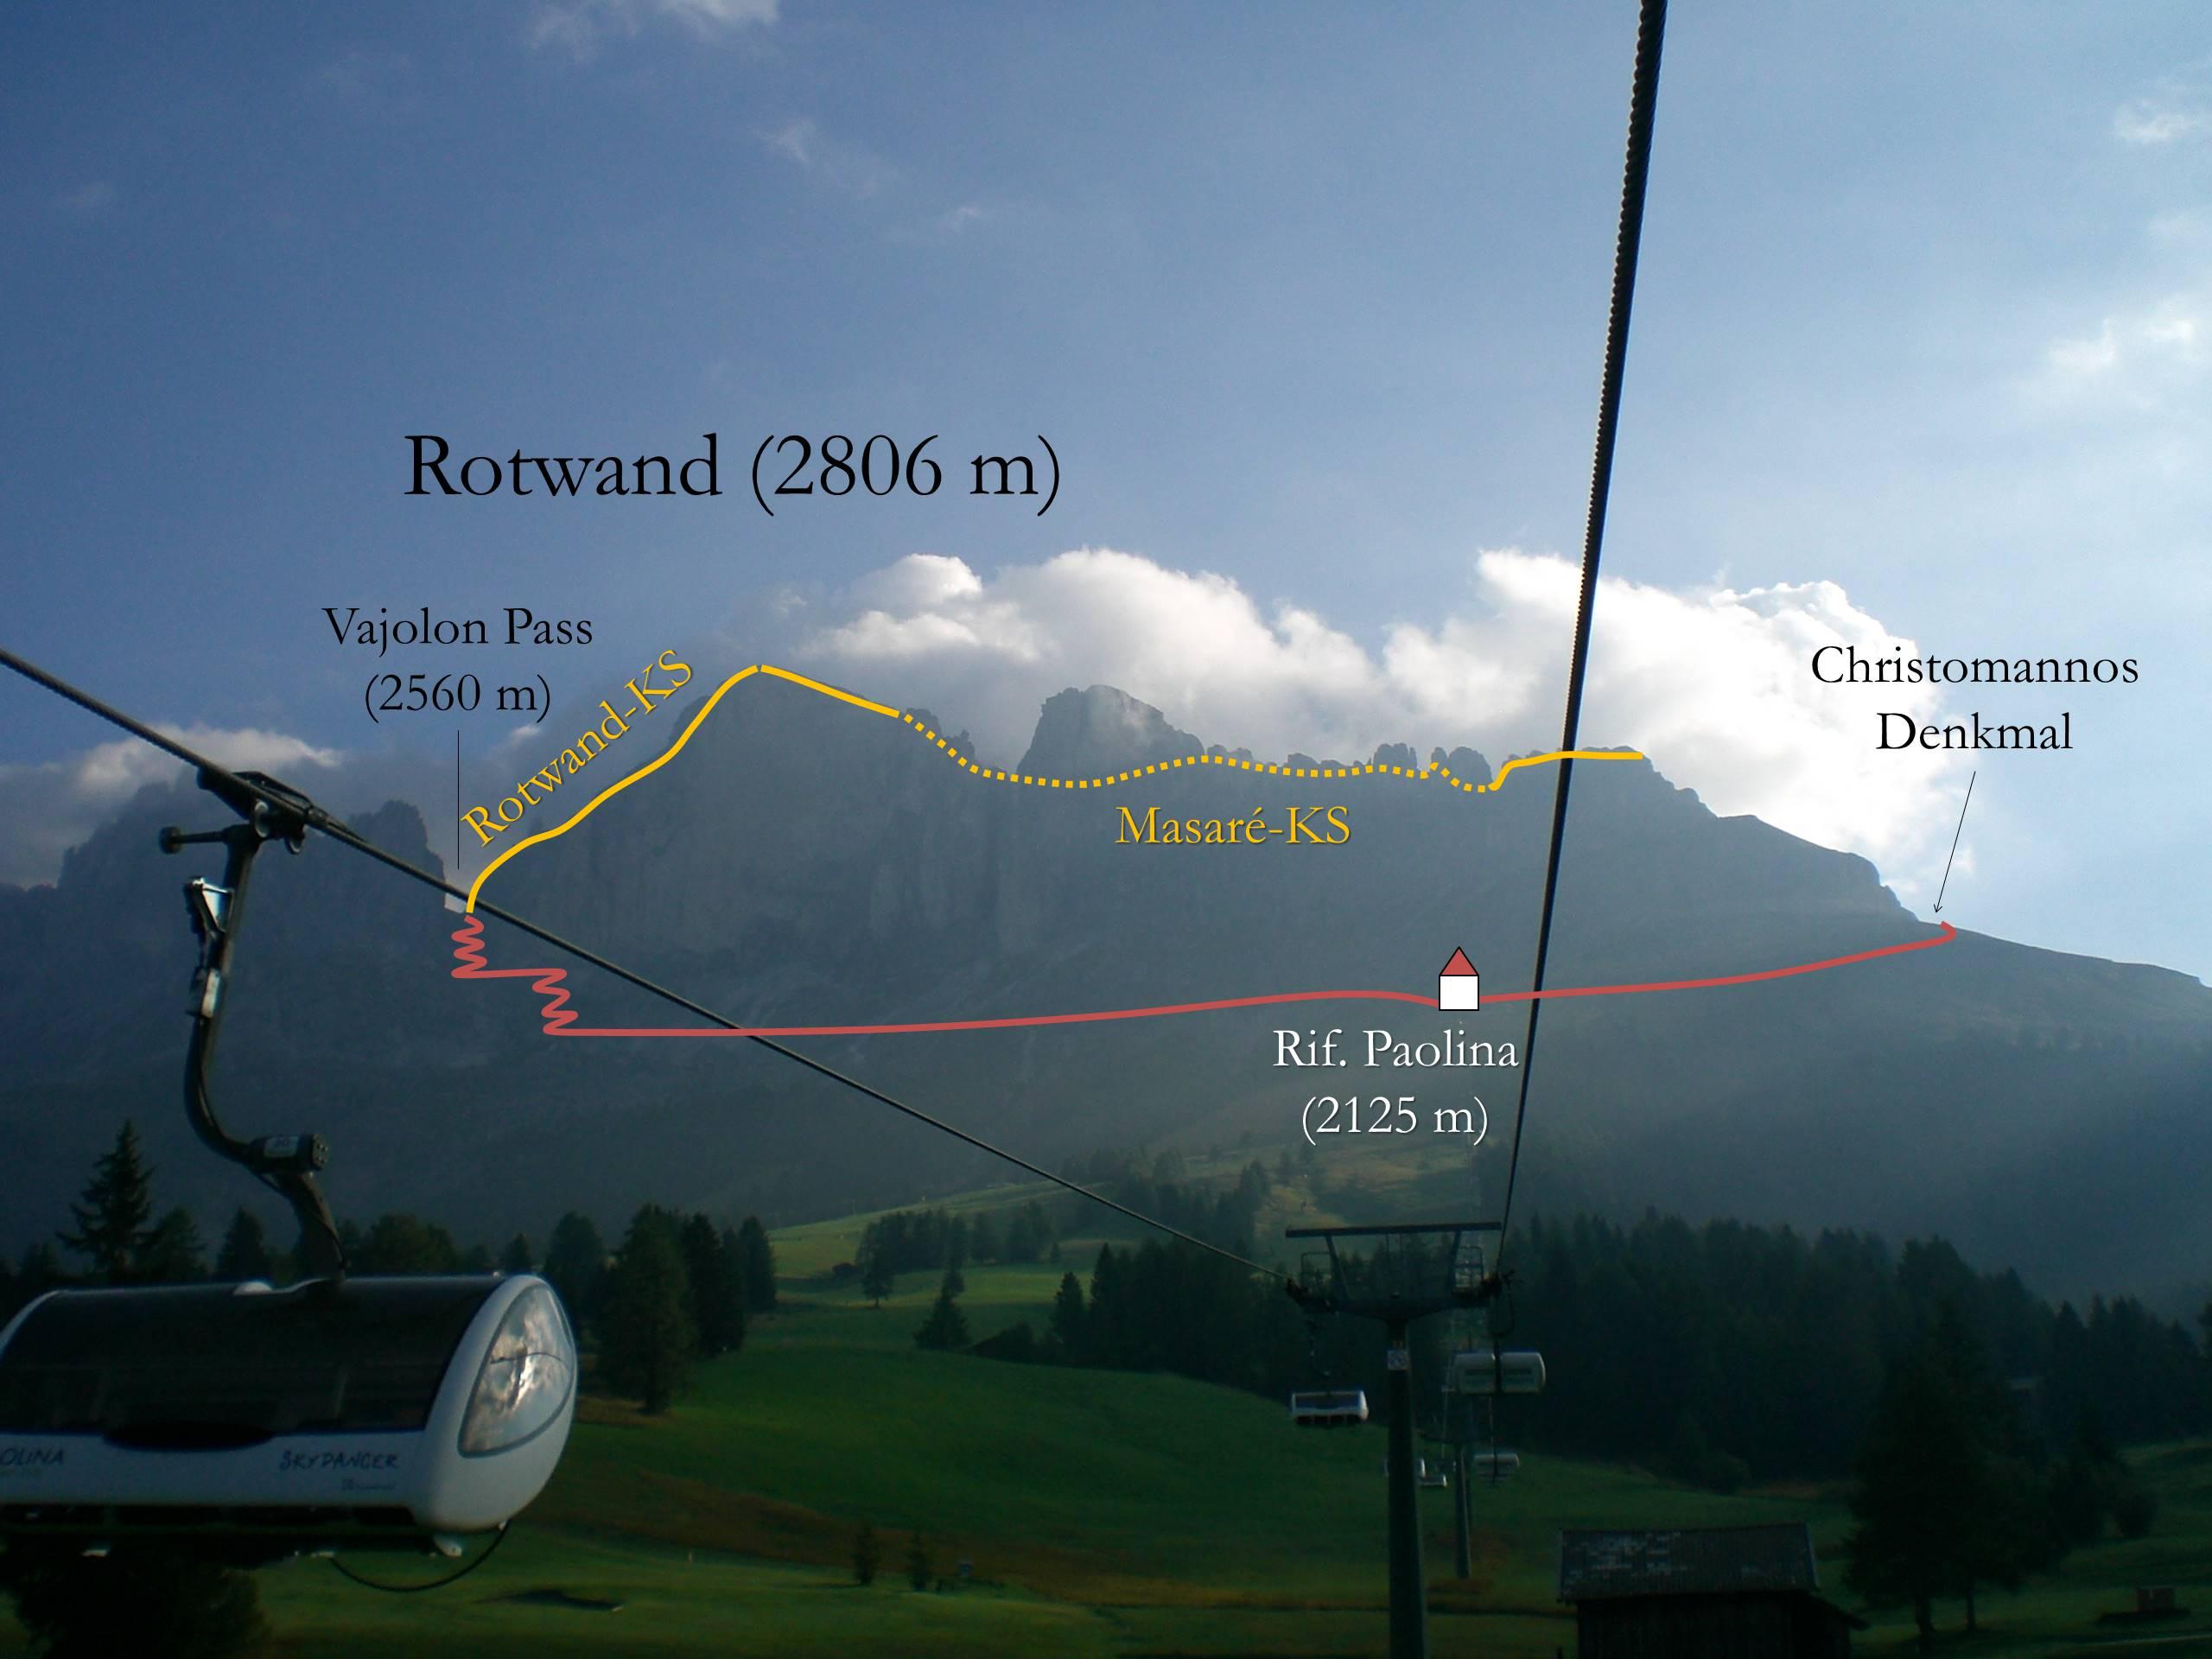 Klettersteig Rotwand : Oktober video bergtour mit rotwand klettersteig